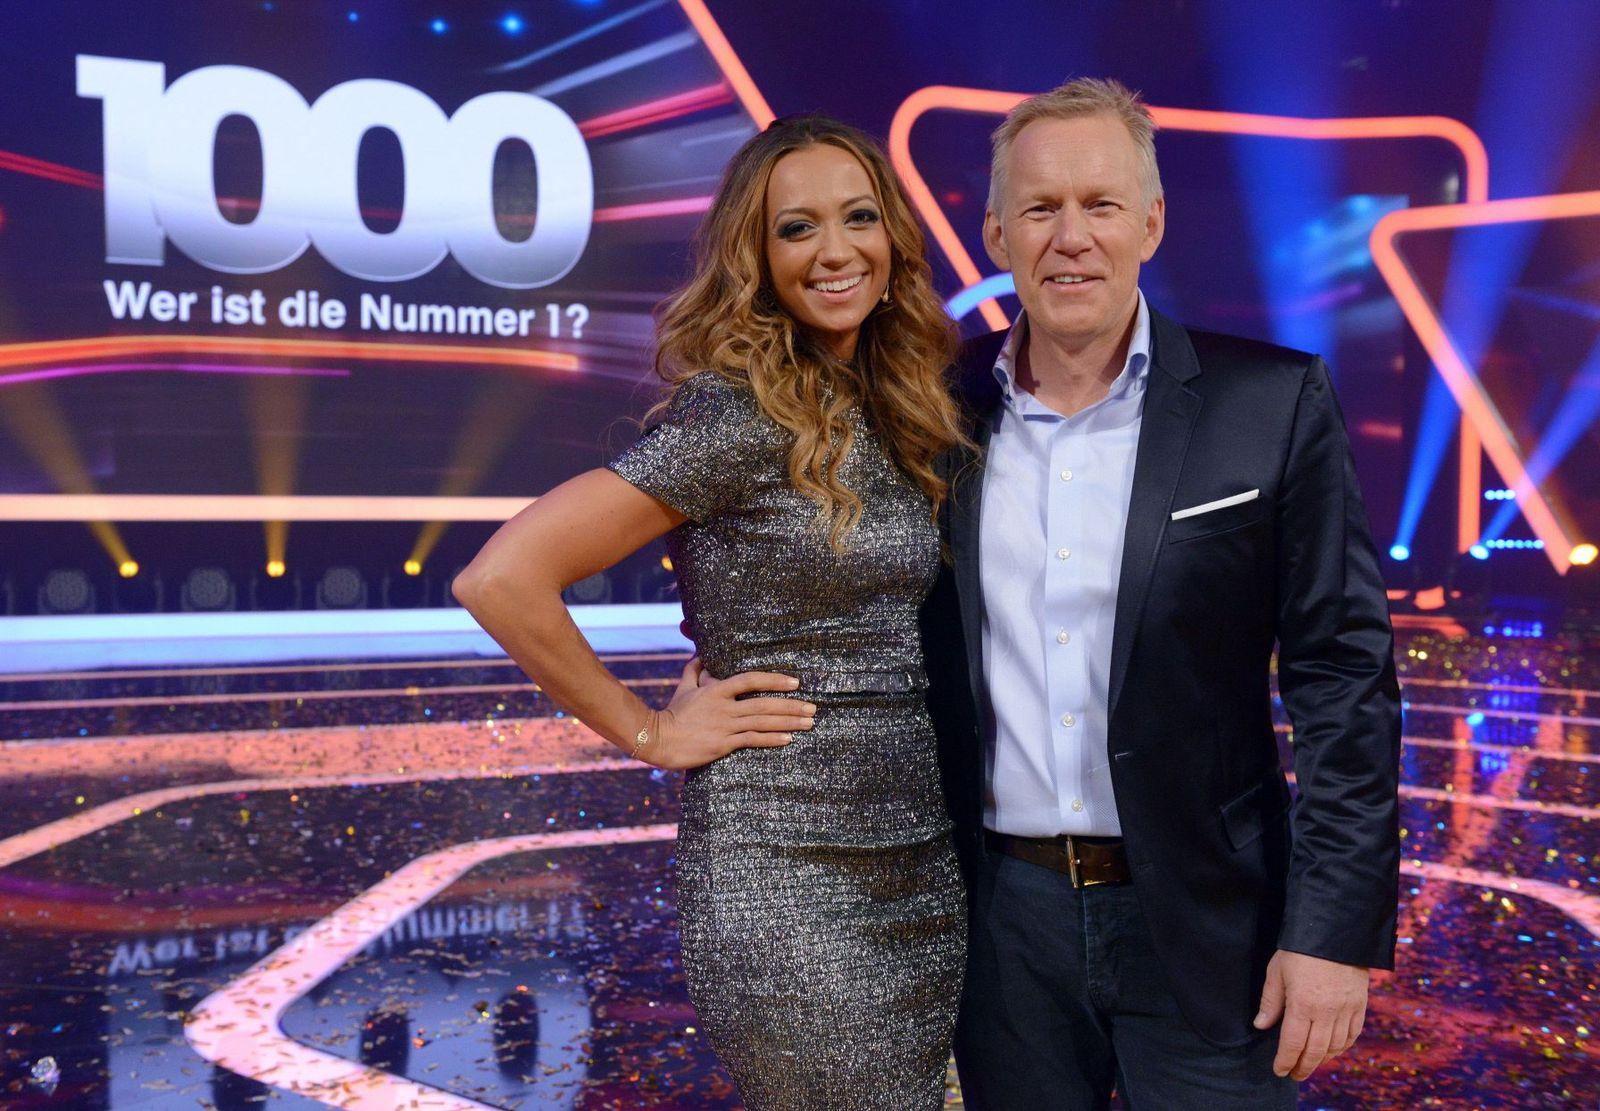 EINMALIGE VERWENDUNG TV/ 1000 - Wer ist die Nummer 1?